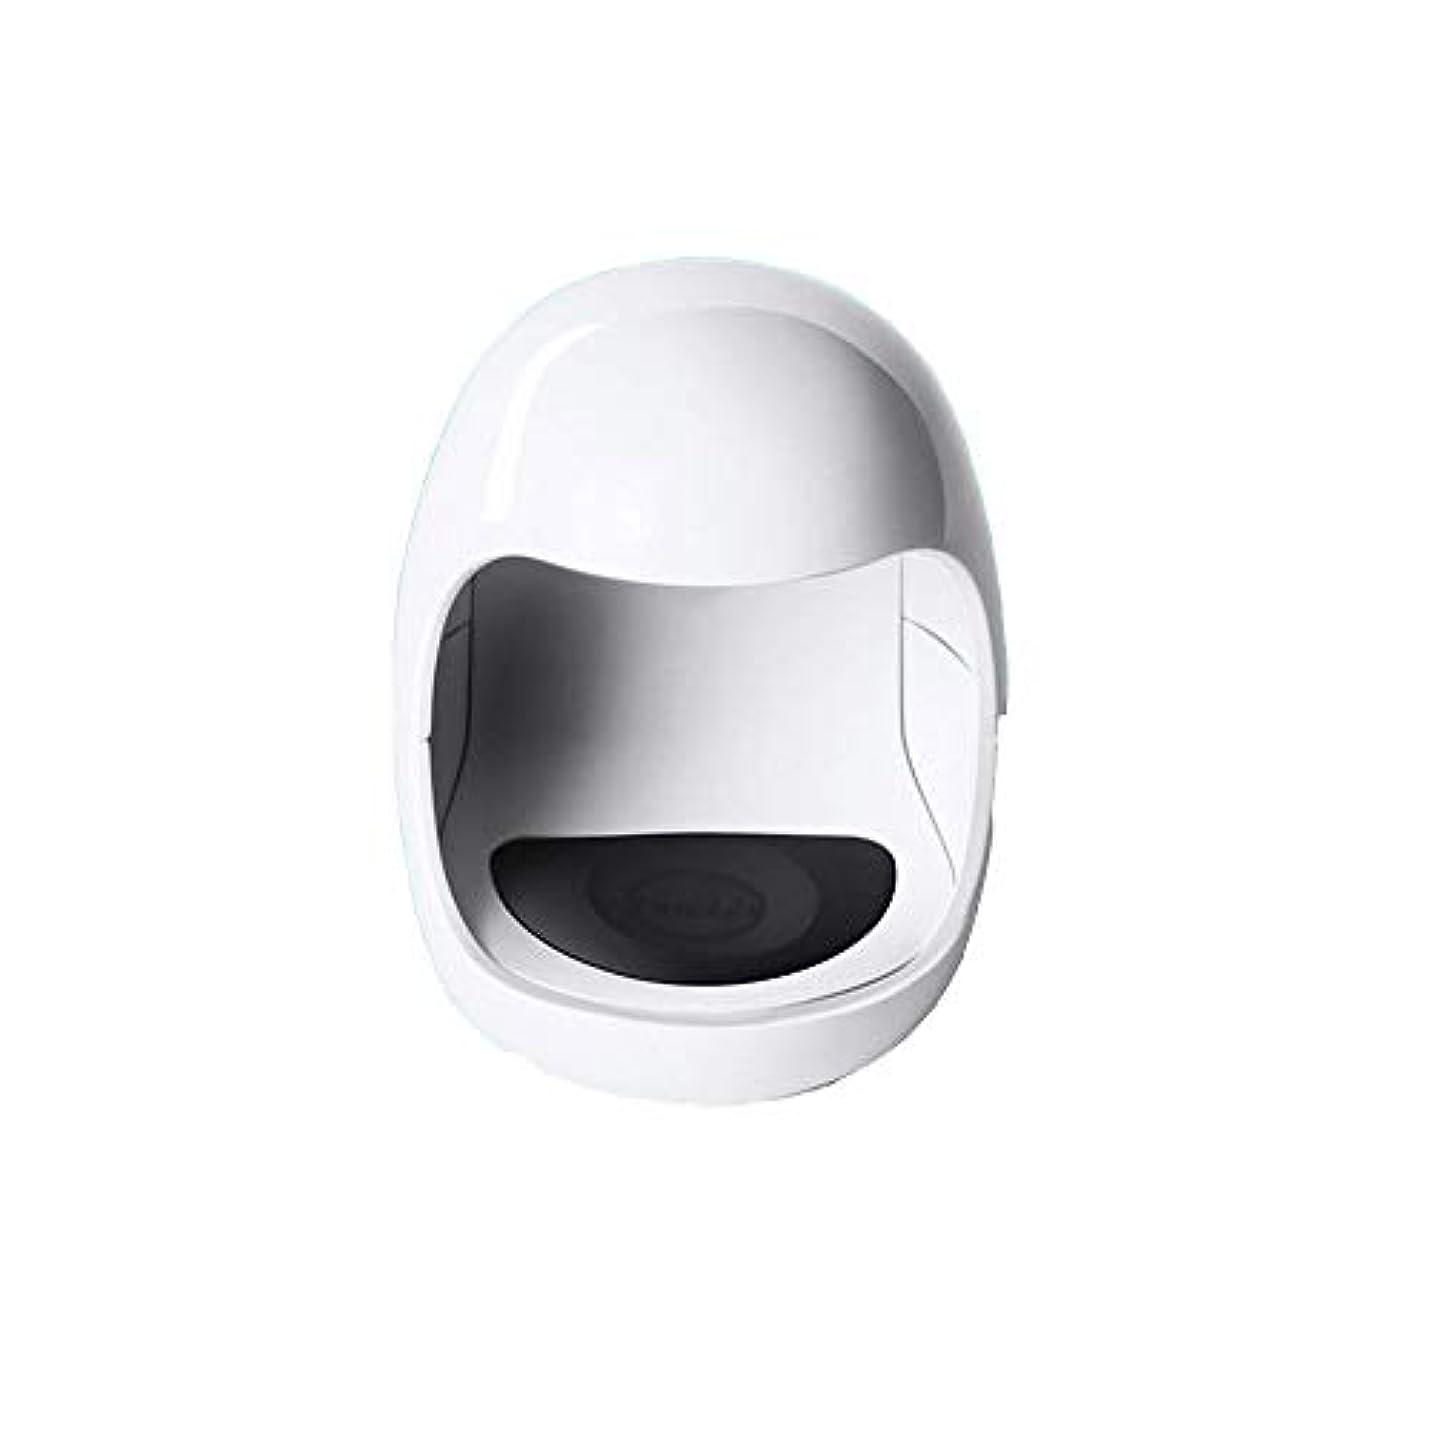 予報精算傾斜YESONEEP ミニ光線療法機ミニシングルフィンガーネイルライトセラピーライトUSB日光LED速乾性ネイルオイルグルーベーキングランプ (色 : White)